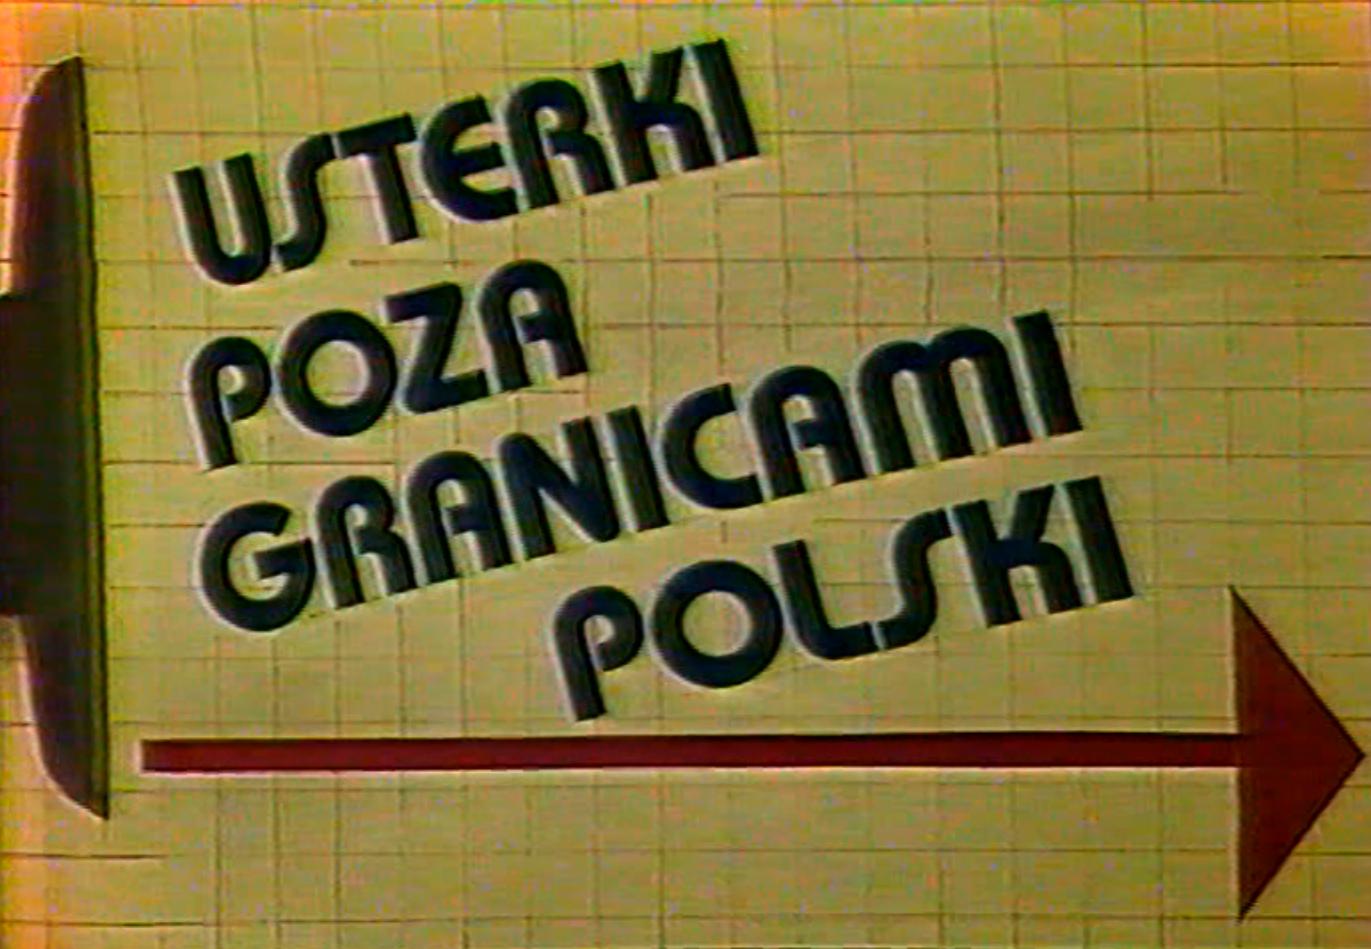 Główna bohaterka meczu Turcja - Polska, czyli tablica informująca o problemach technicznych w transmisji. Tego dnia pojawiła się na ekranie kilkakrotnie. Końcówki spotkania kibice nad Wisłą nie obejrzeli, bo sygnał ze Stambułu całkowicie się zerwał.